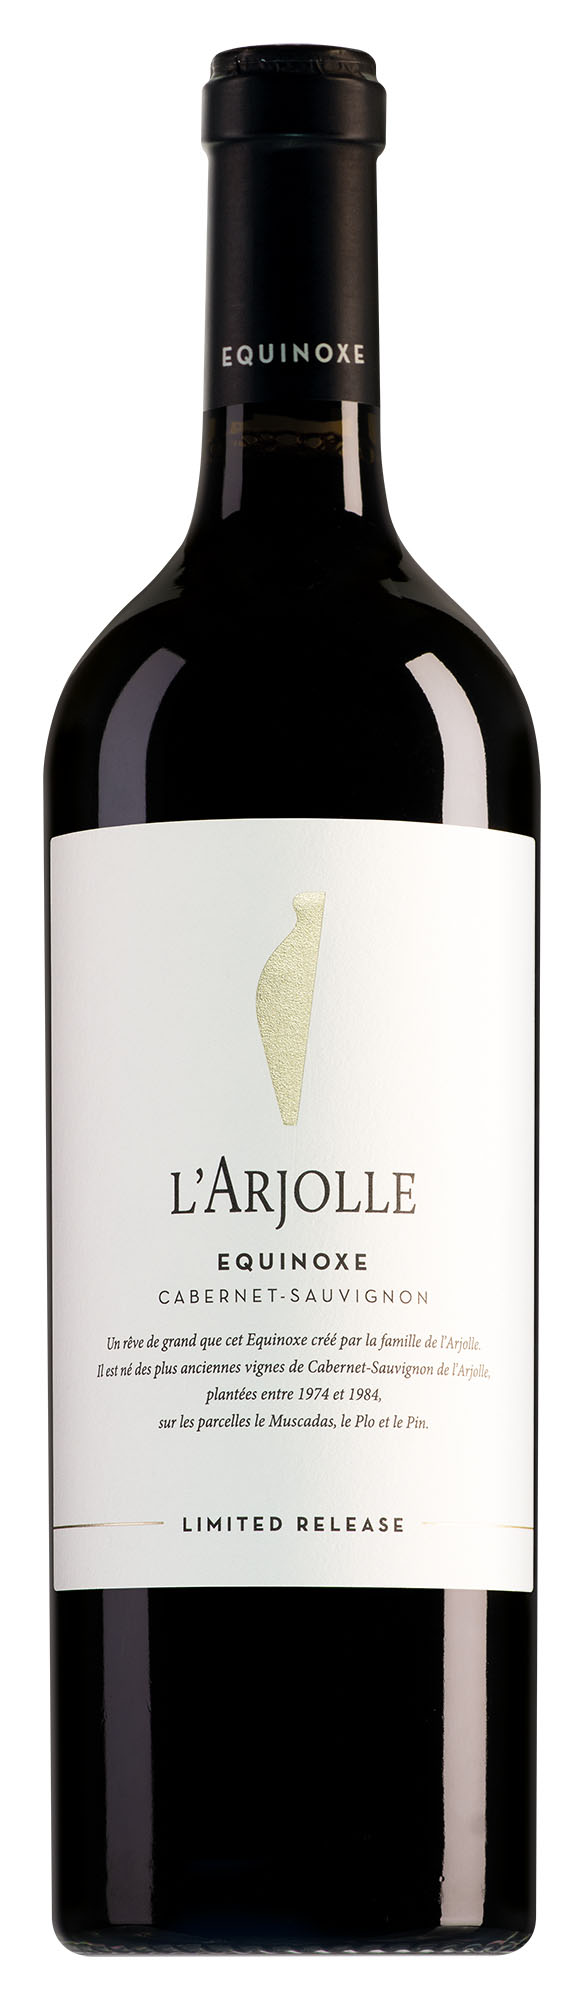 Domaine de l'Arjolle Côtes de Thongue Equinoxe Limited Cabernet